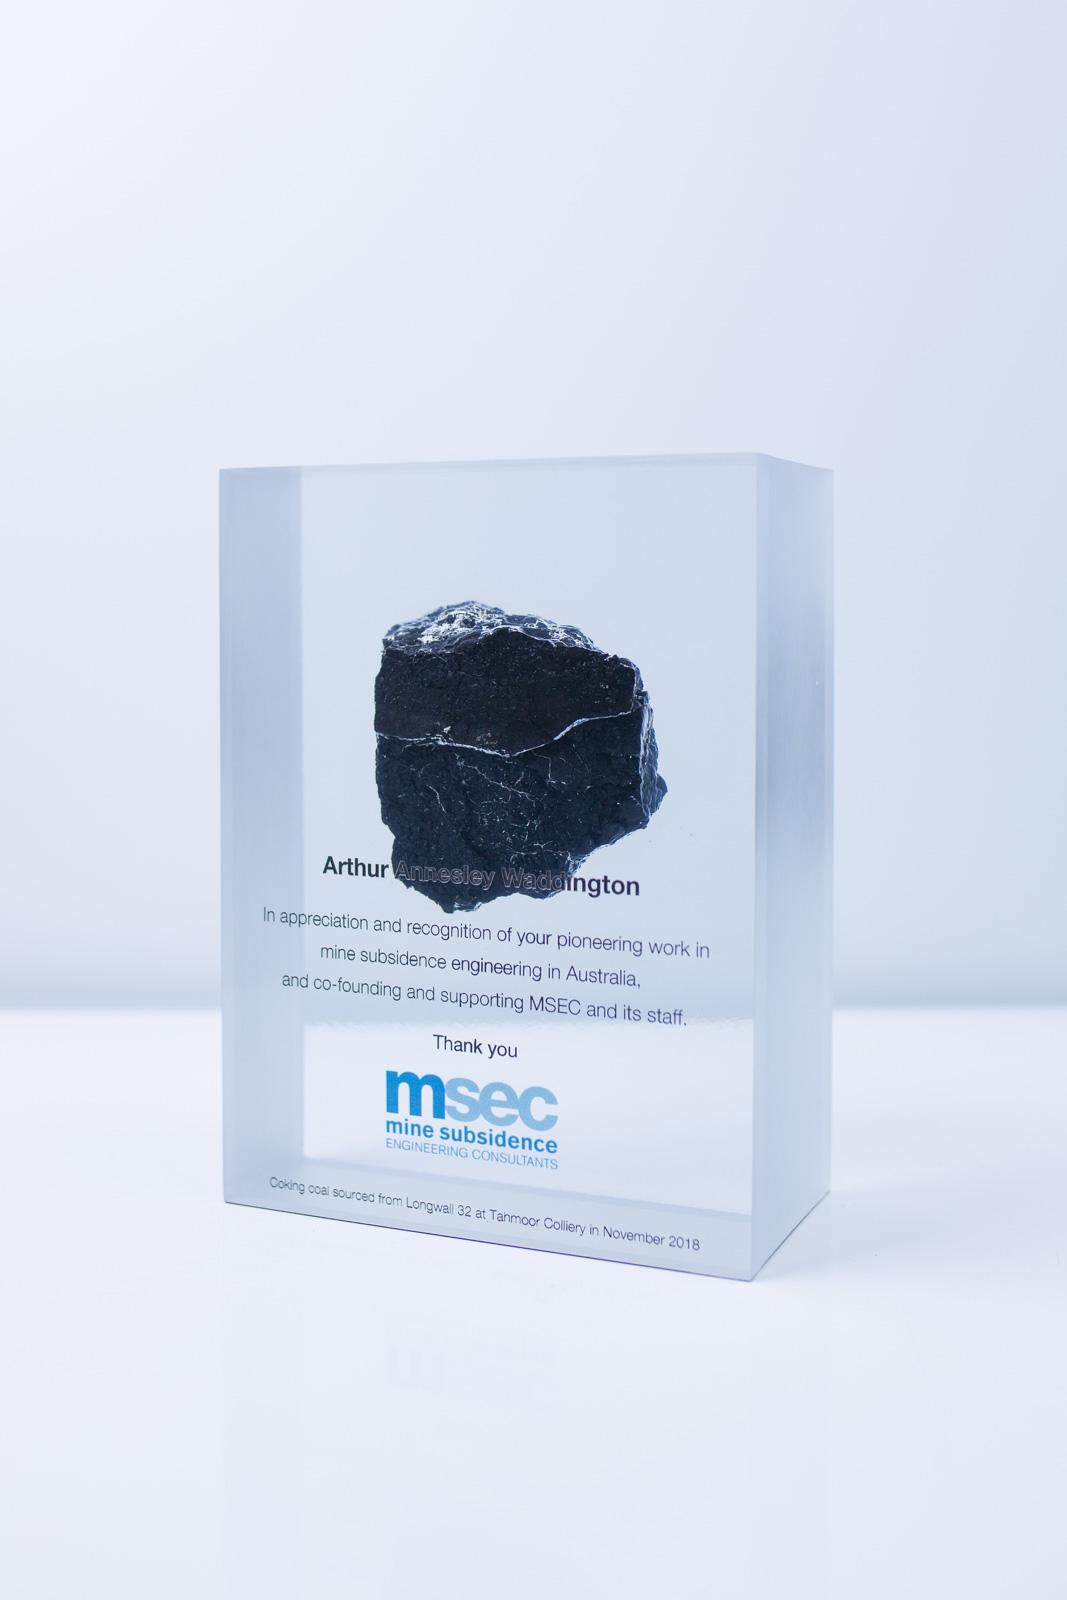 MSEC Coal Embed